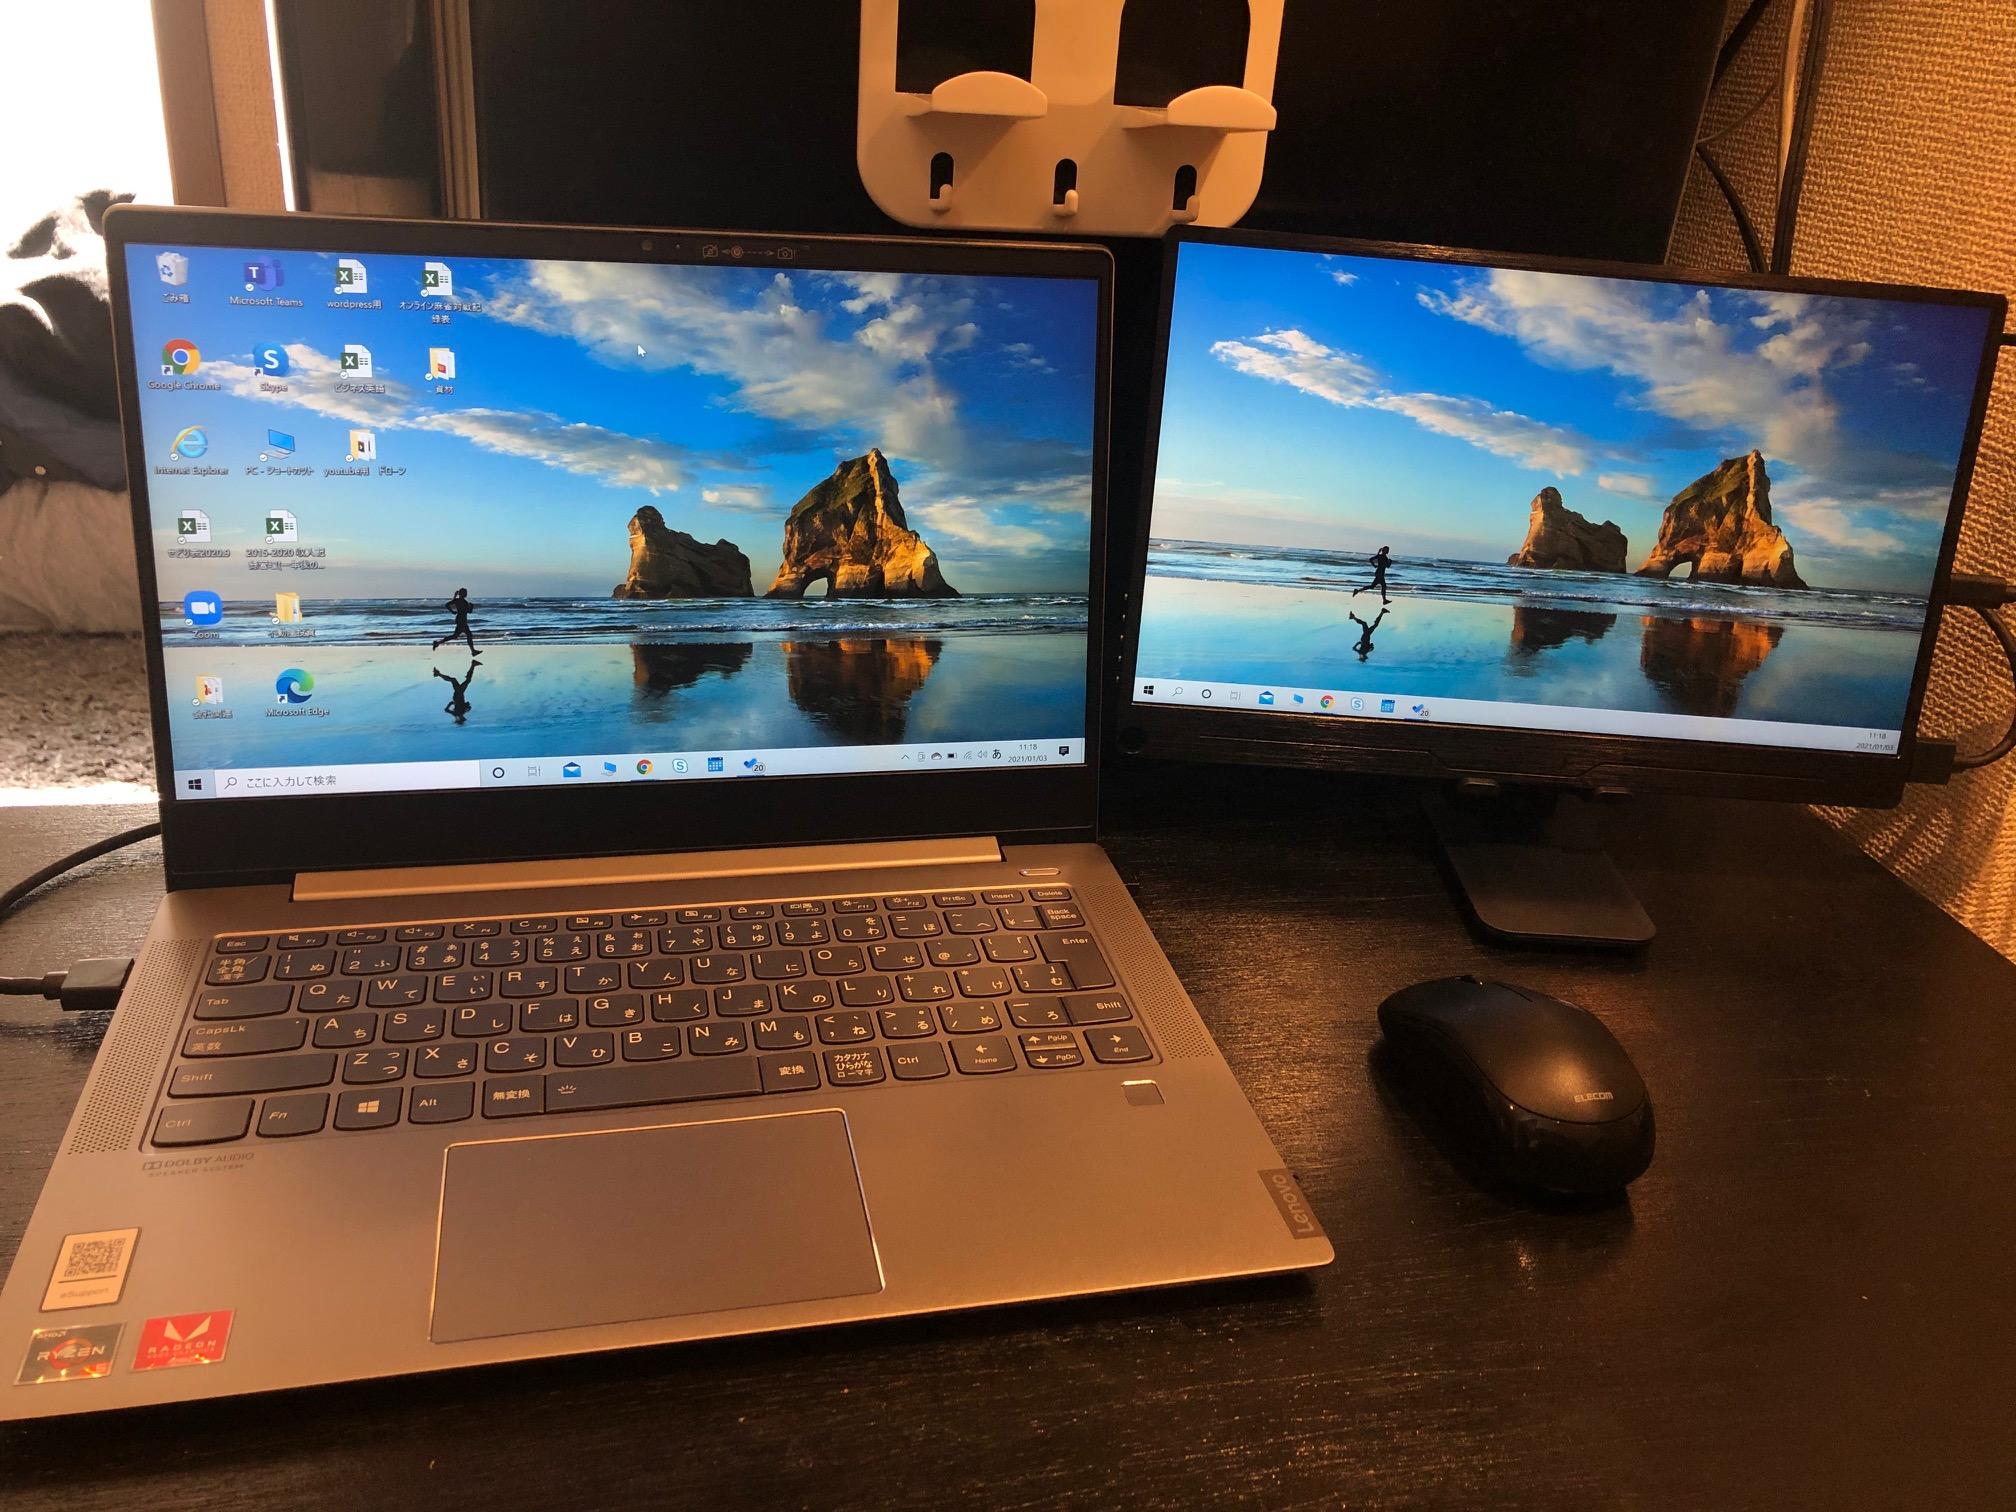 EVICIV 13.3 inch monitor